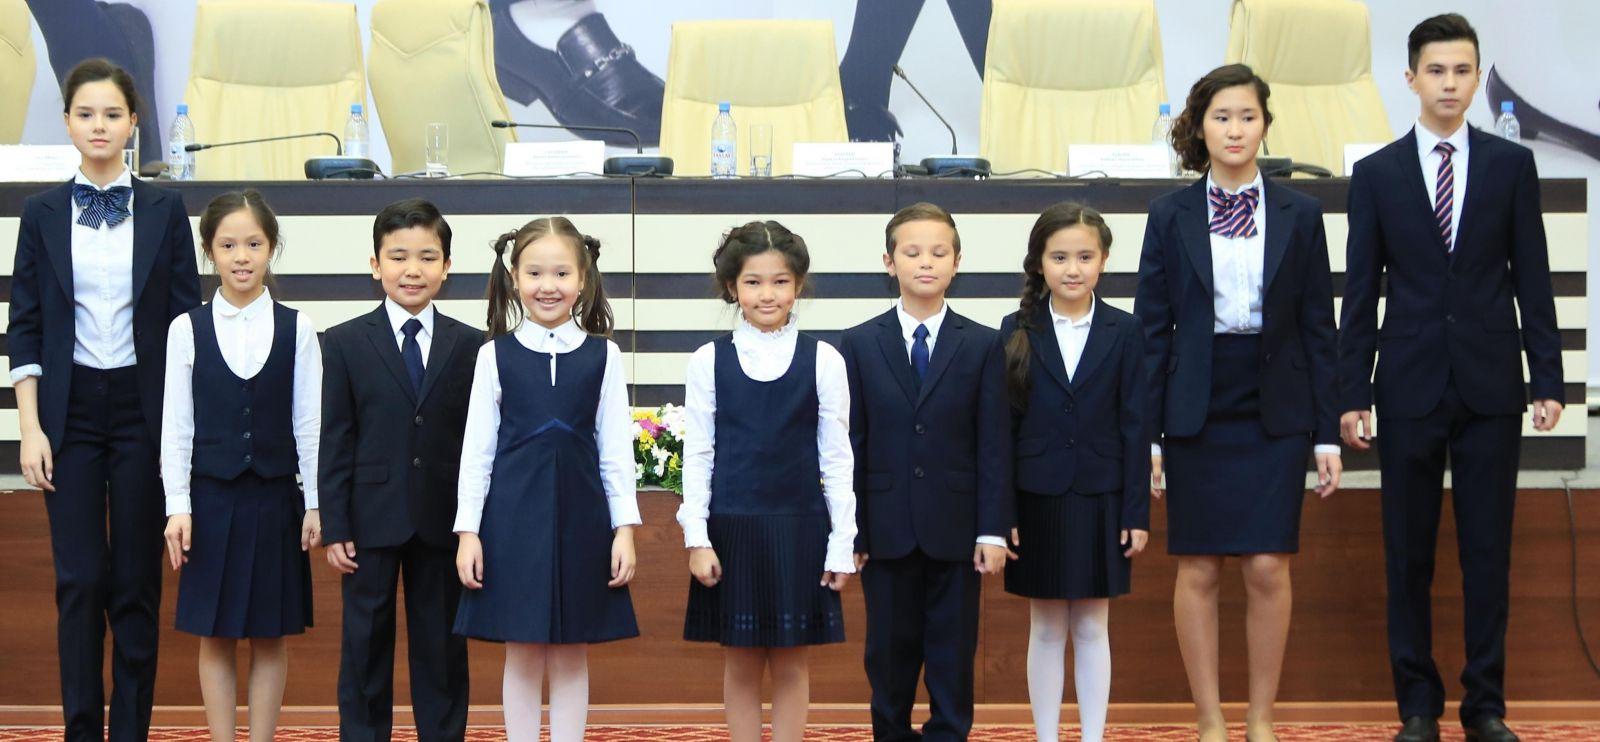 Шрек таджикский перевод 3 смотреть 21 фотография